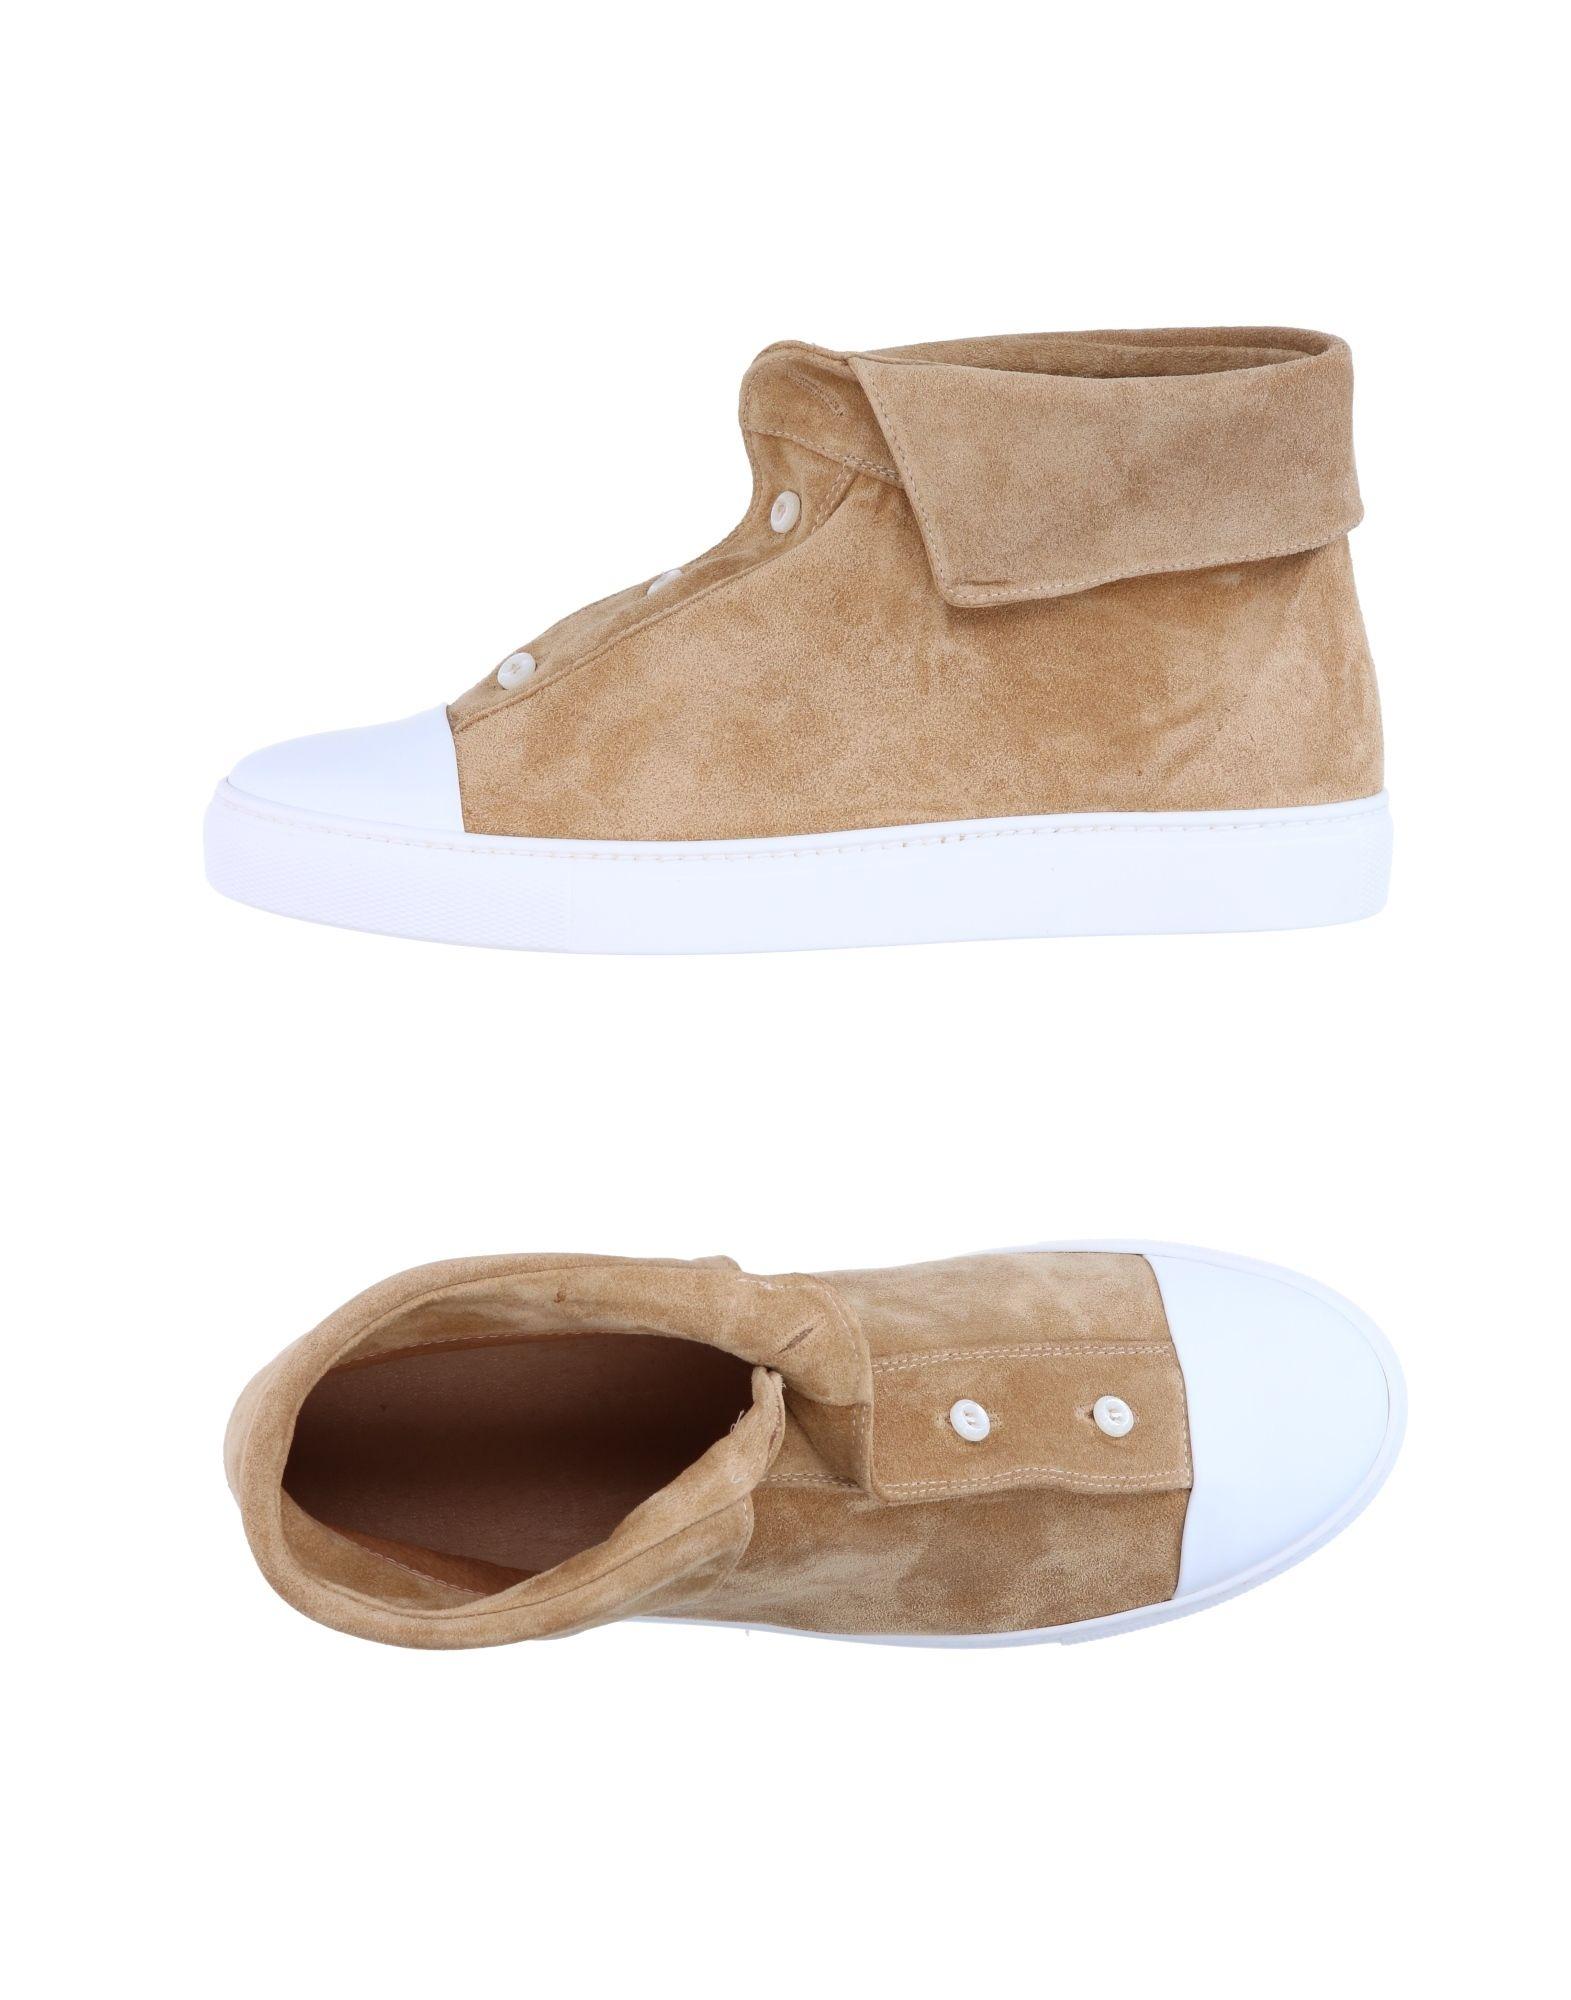 Sciuscert Sneakers Herren  11274427WM Heiße Schuhe